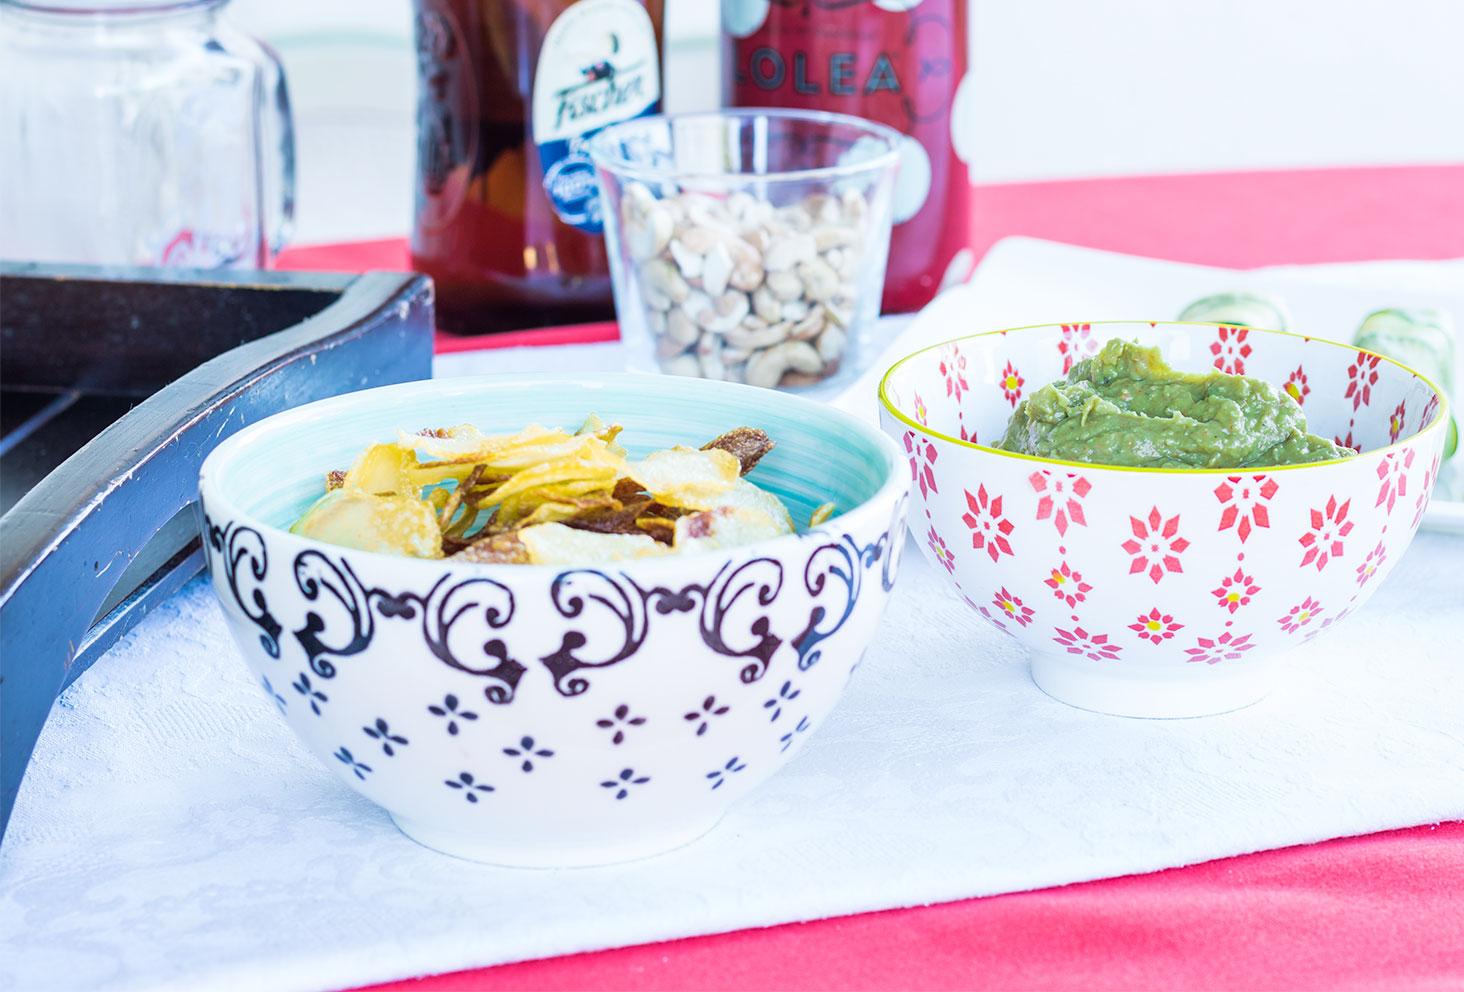 Recette de guacamole et chips maison pour l'été